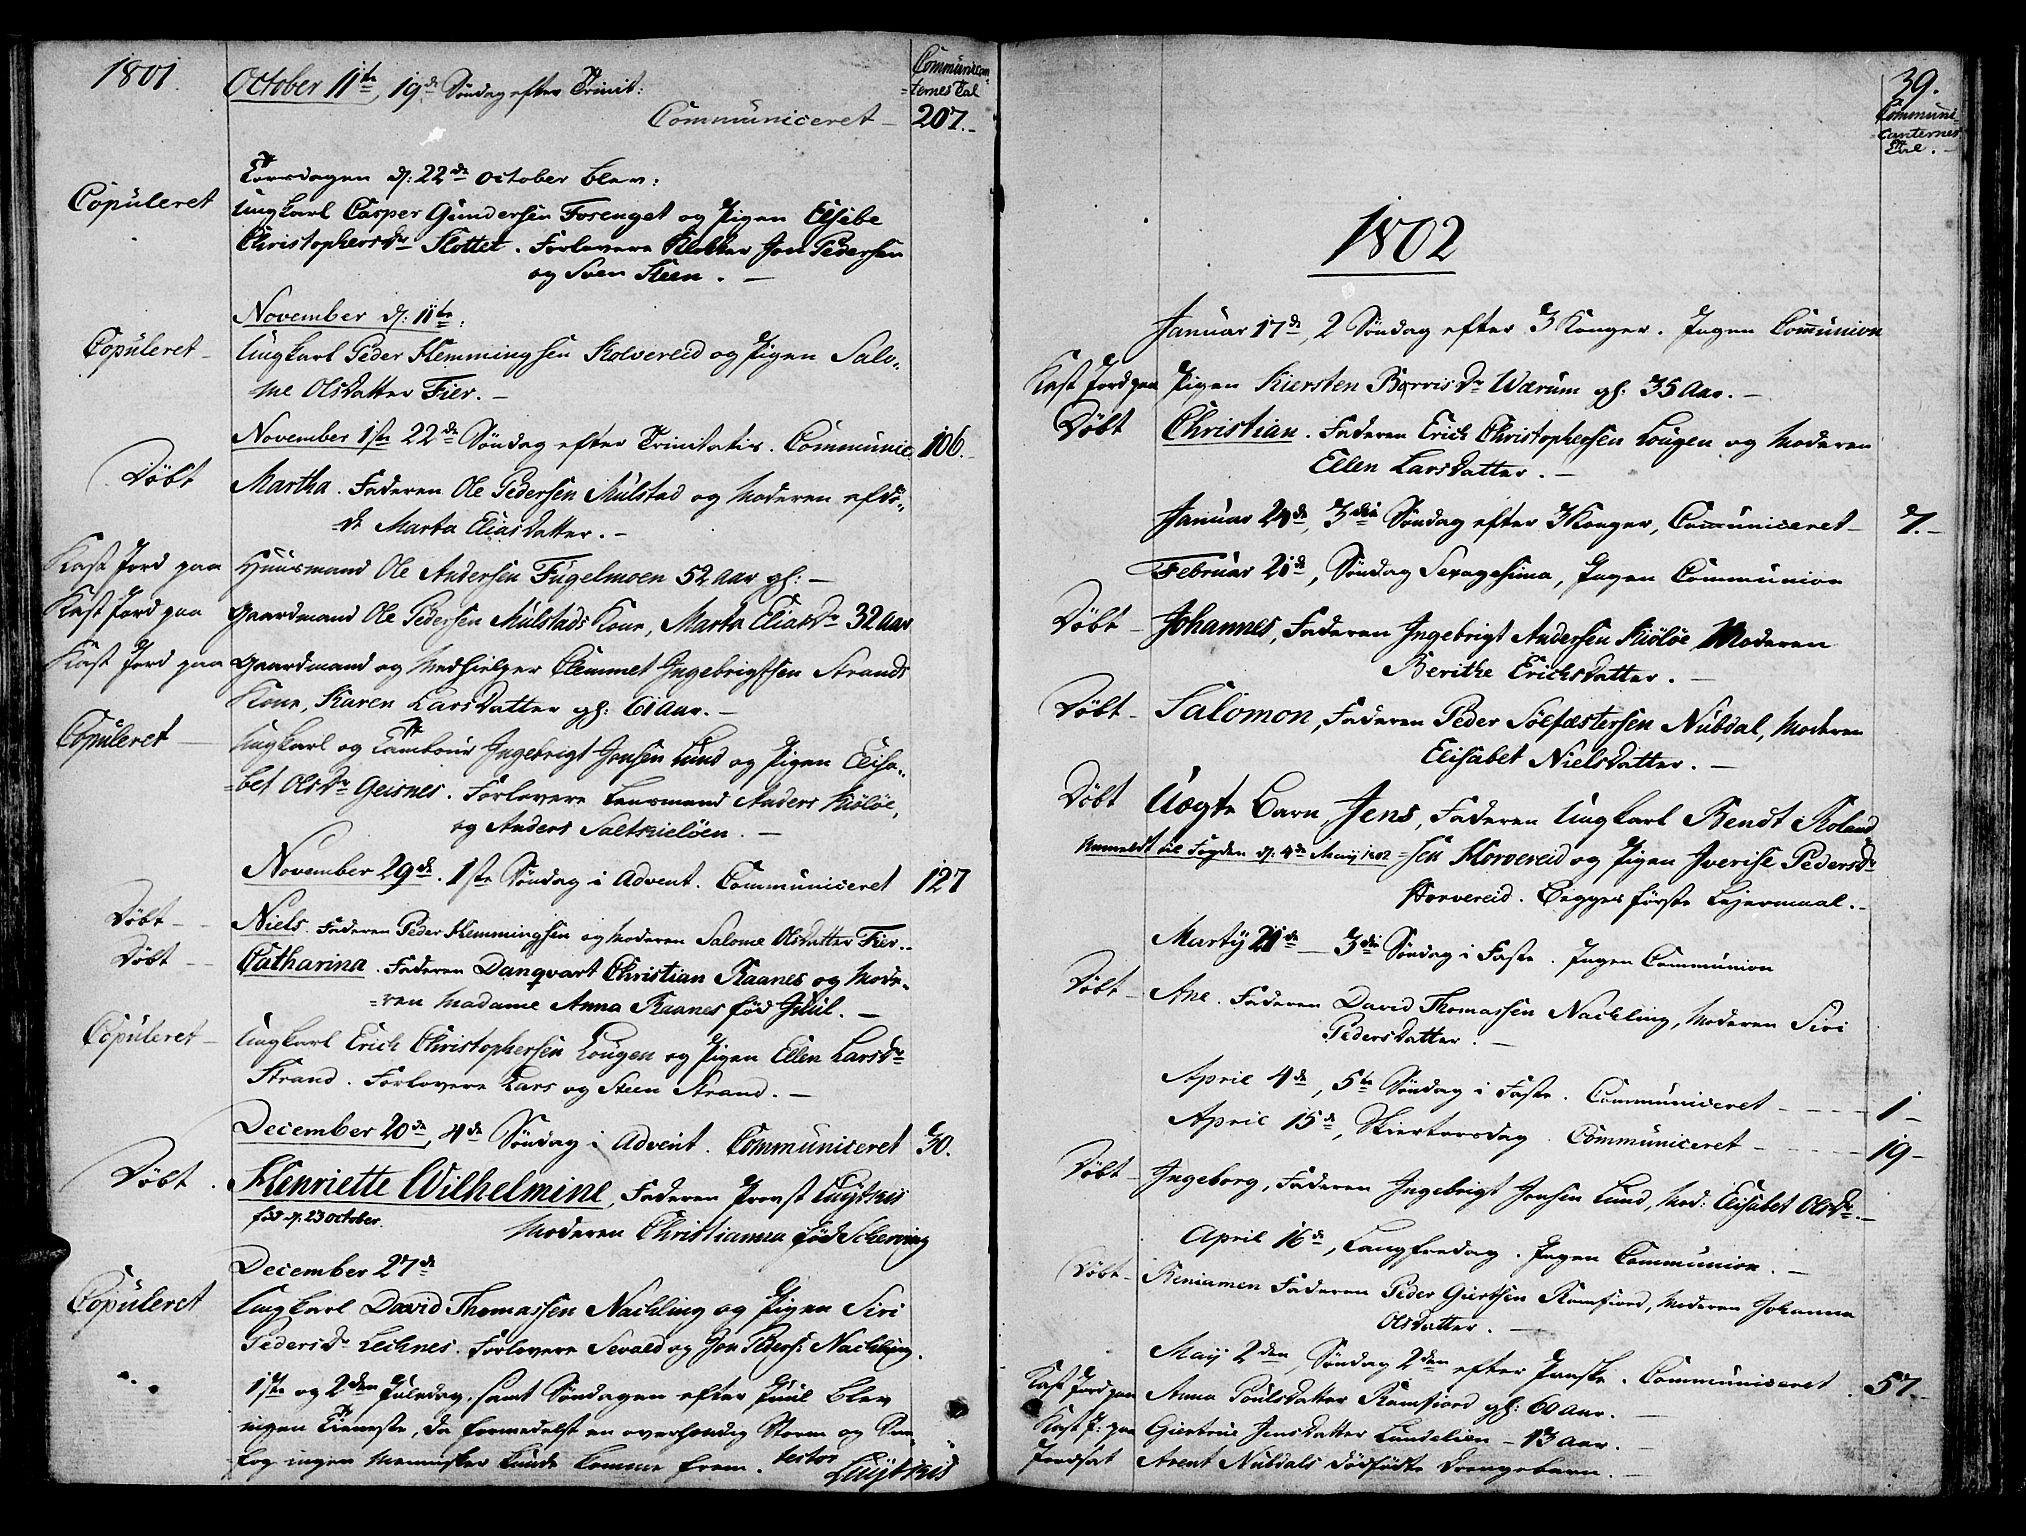 SAT, Ministerialprotokoller, klokkerbøker og fødselsregistre - Nord-Trøndelag, 780/L0633: Ministerialbok nr. 780A02 /1, 1787-1814, s. 39